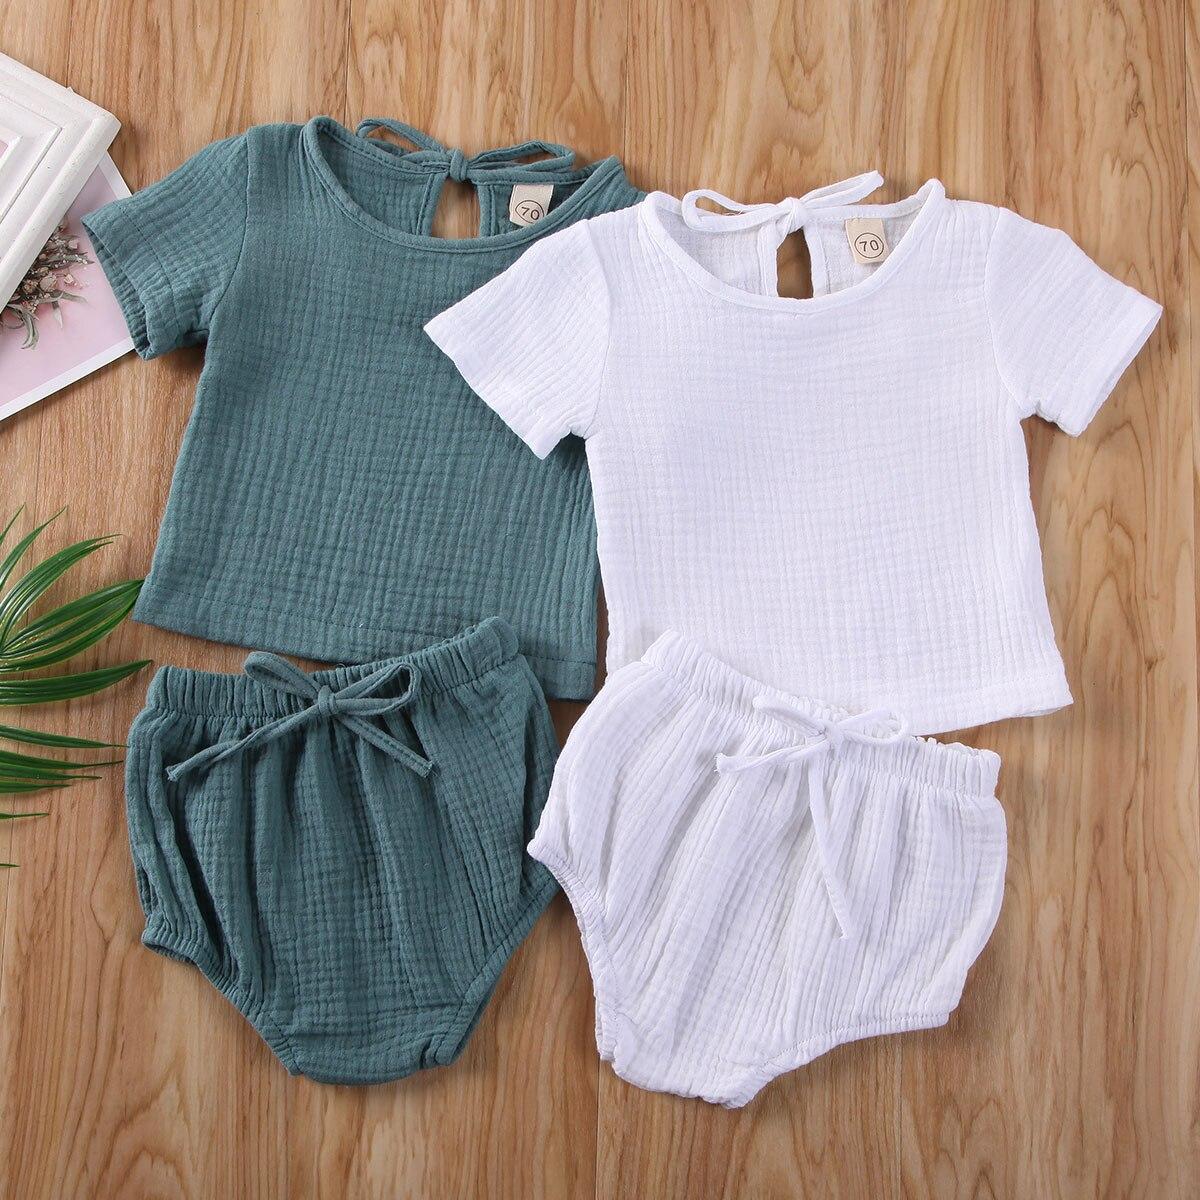 2 uds. Conjunto de ropa informal de verano para niños y bebés, conjunto de ropa de algodón y lino, camiseta + Pantalones cortos, trajes, traje para casa sólido